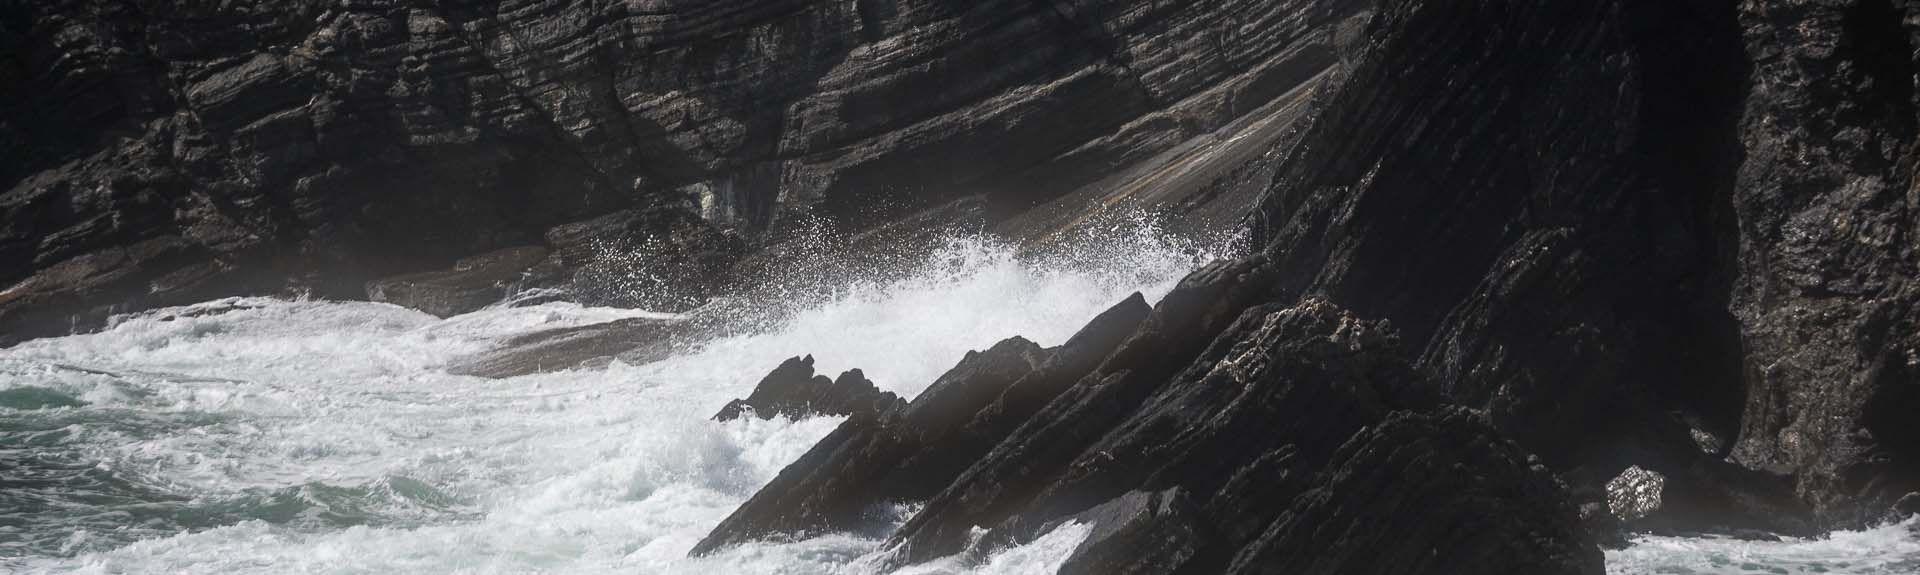 Ricco del Golfo di Spezia, Ligurien, Italien